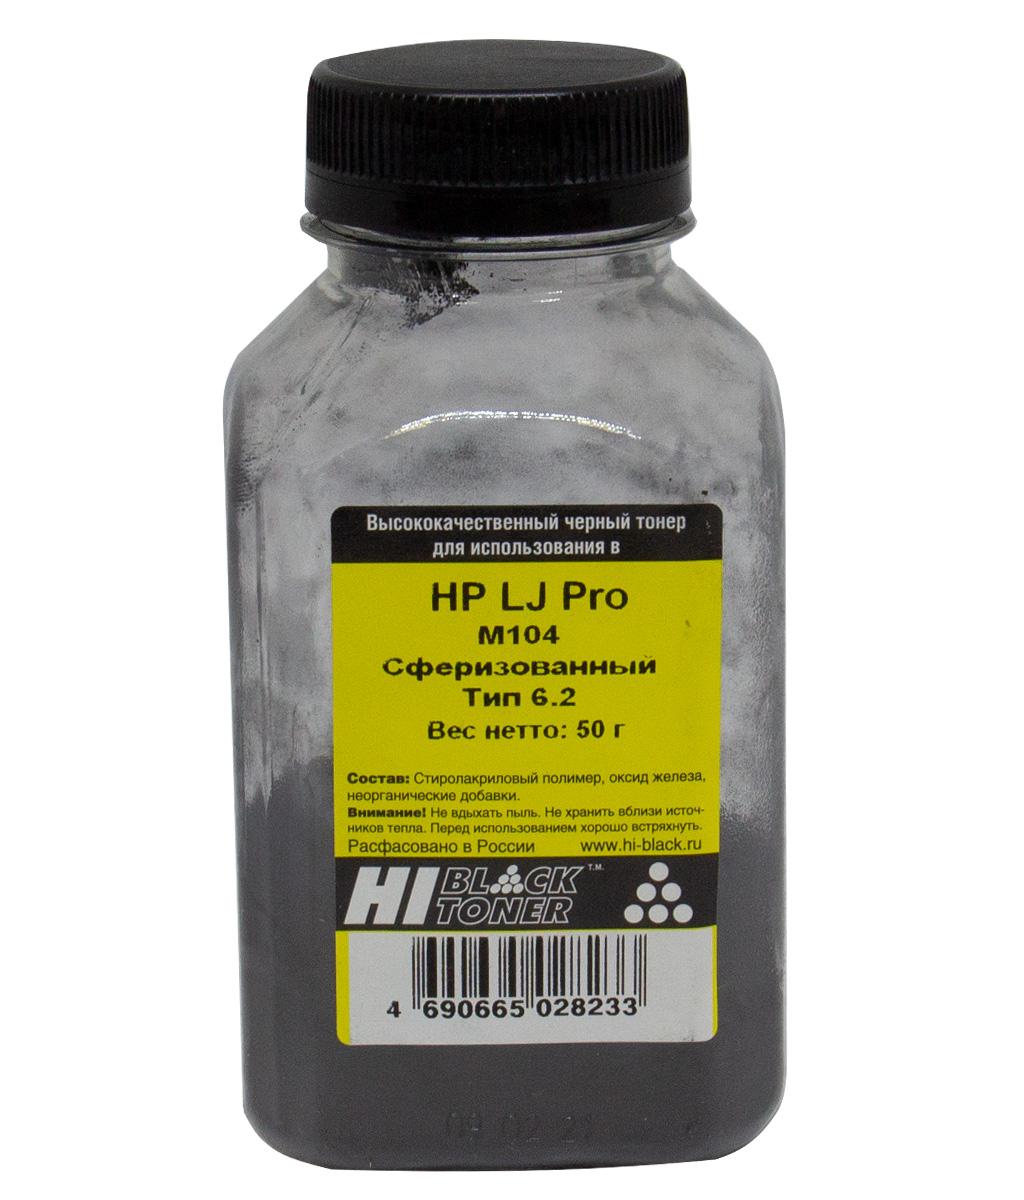 Тонер Hi-Black Универсальный для HP LJ Pro M104/Ultra M106, Сферизованный, Тип 6.2, Bk,50г